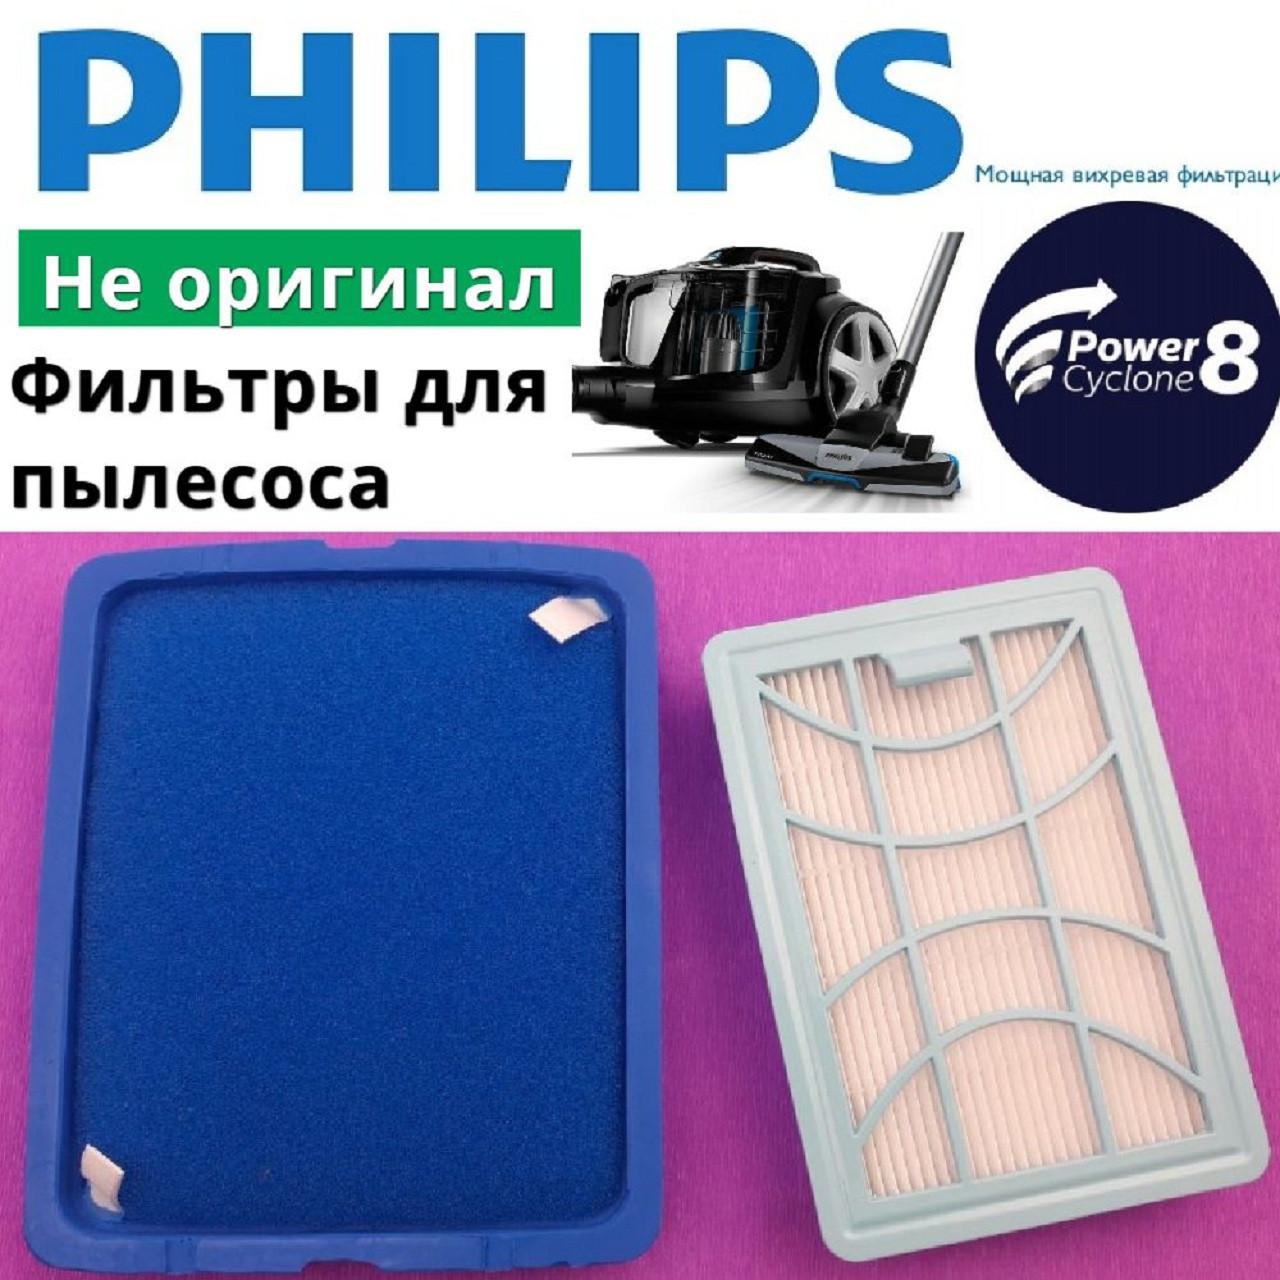 Набор фильтров для Филипс на пылесосы с контейнером для сбора пыли (с колбой или без мешка) fc9728 - fc9735